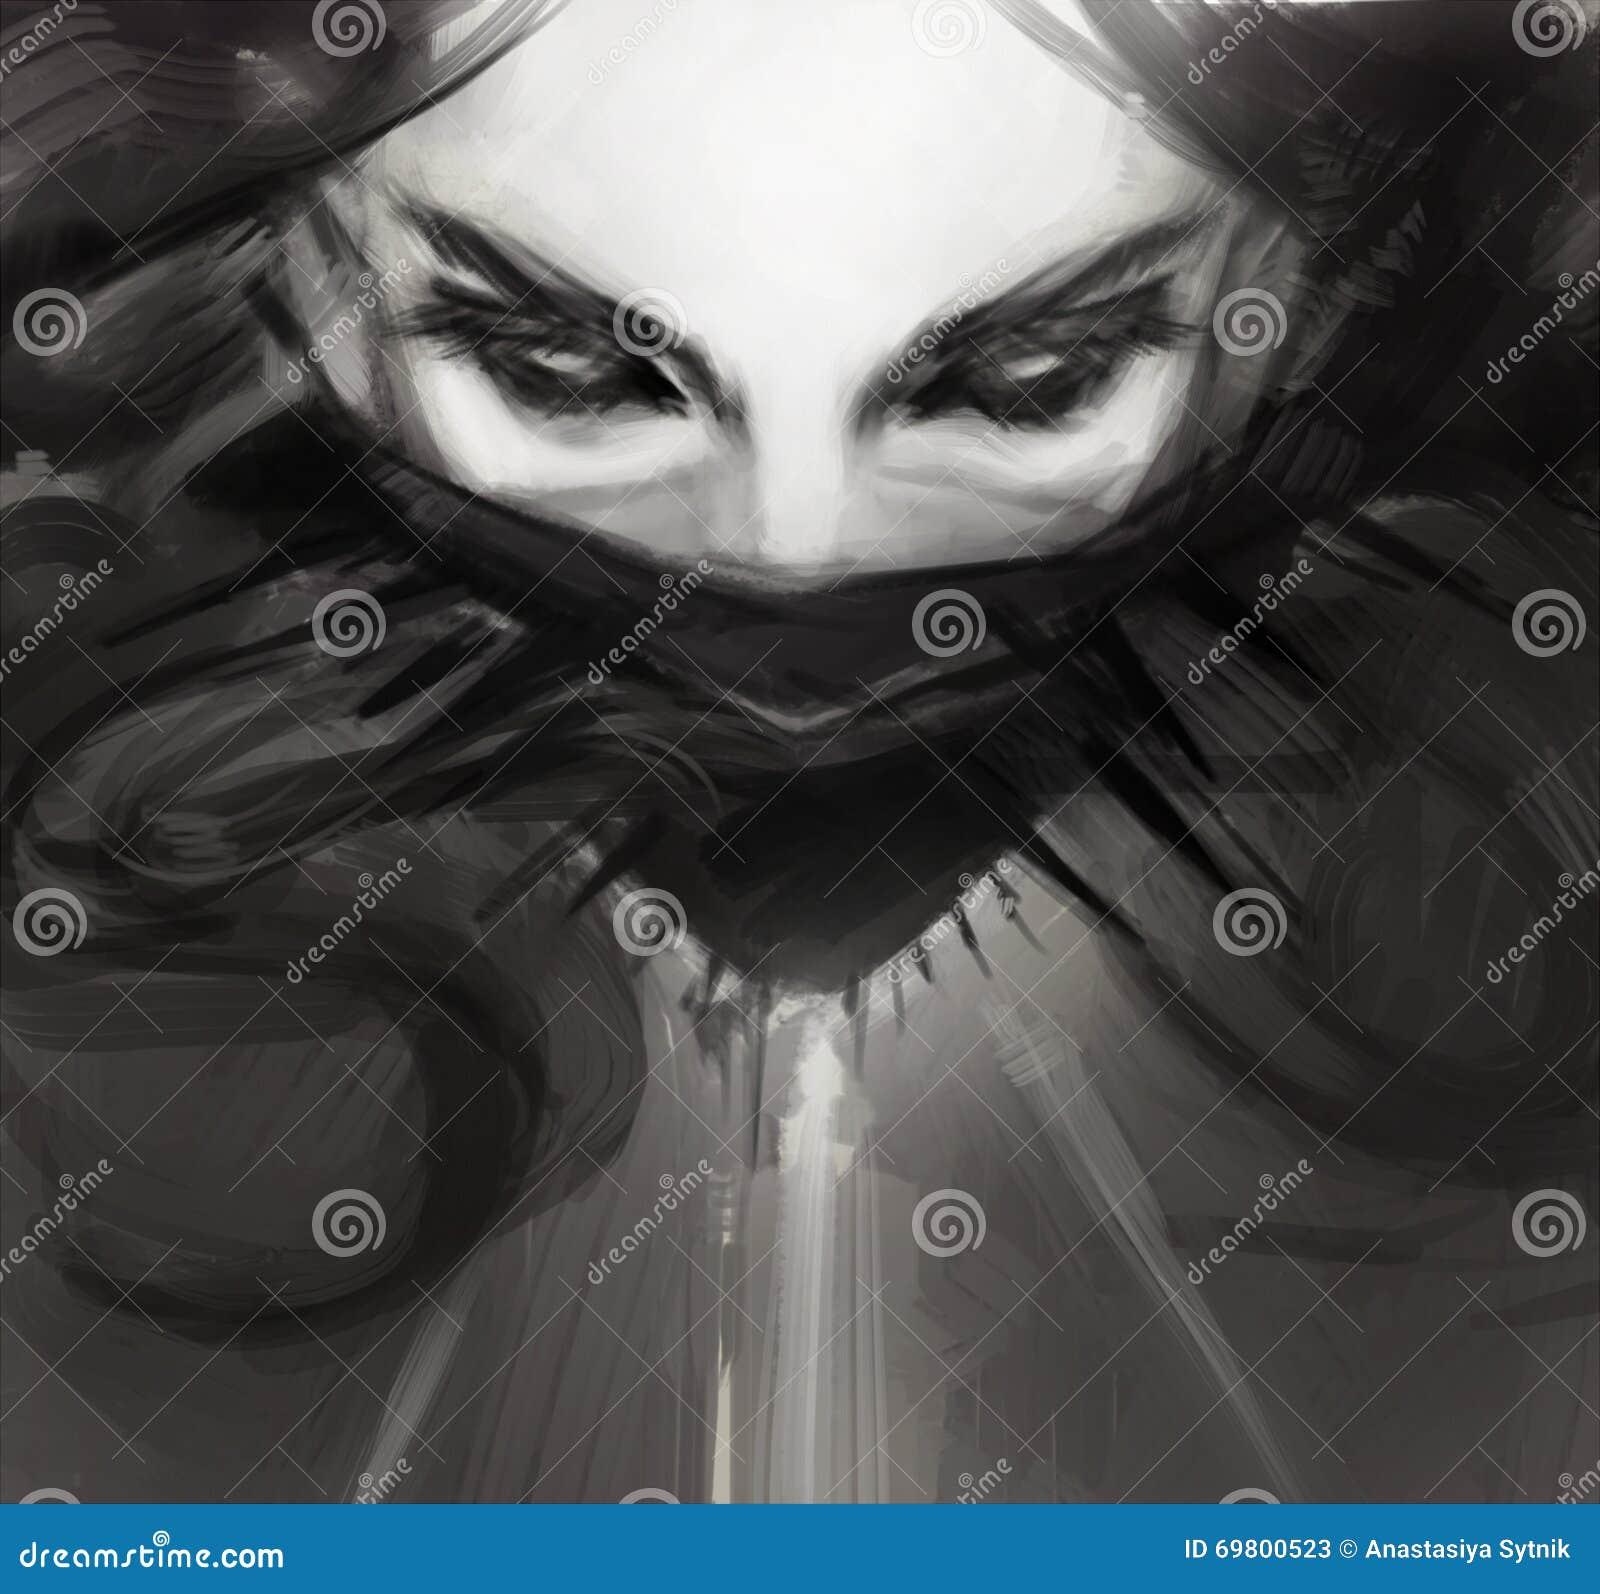 Dessin de visage de jeune femme dans le style noir - Dessin gothique ...